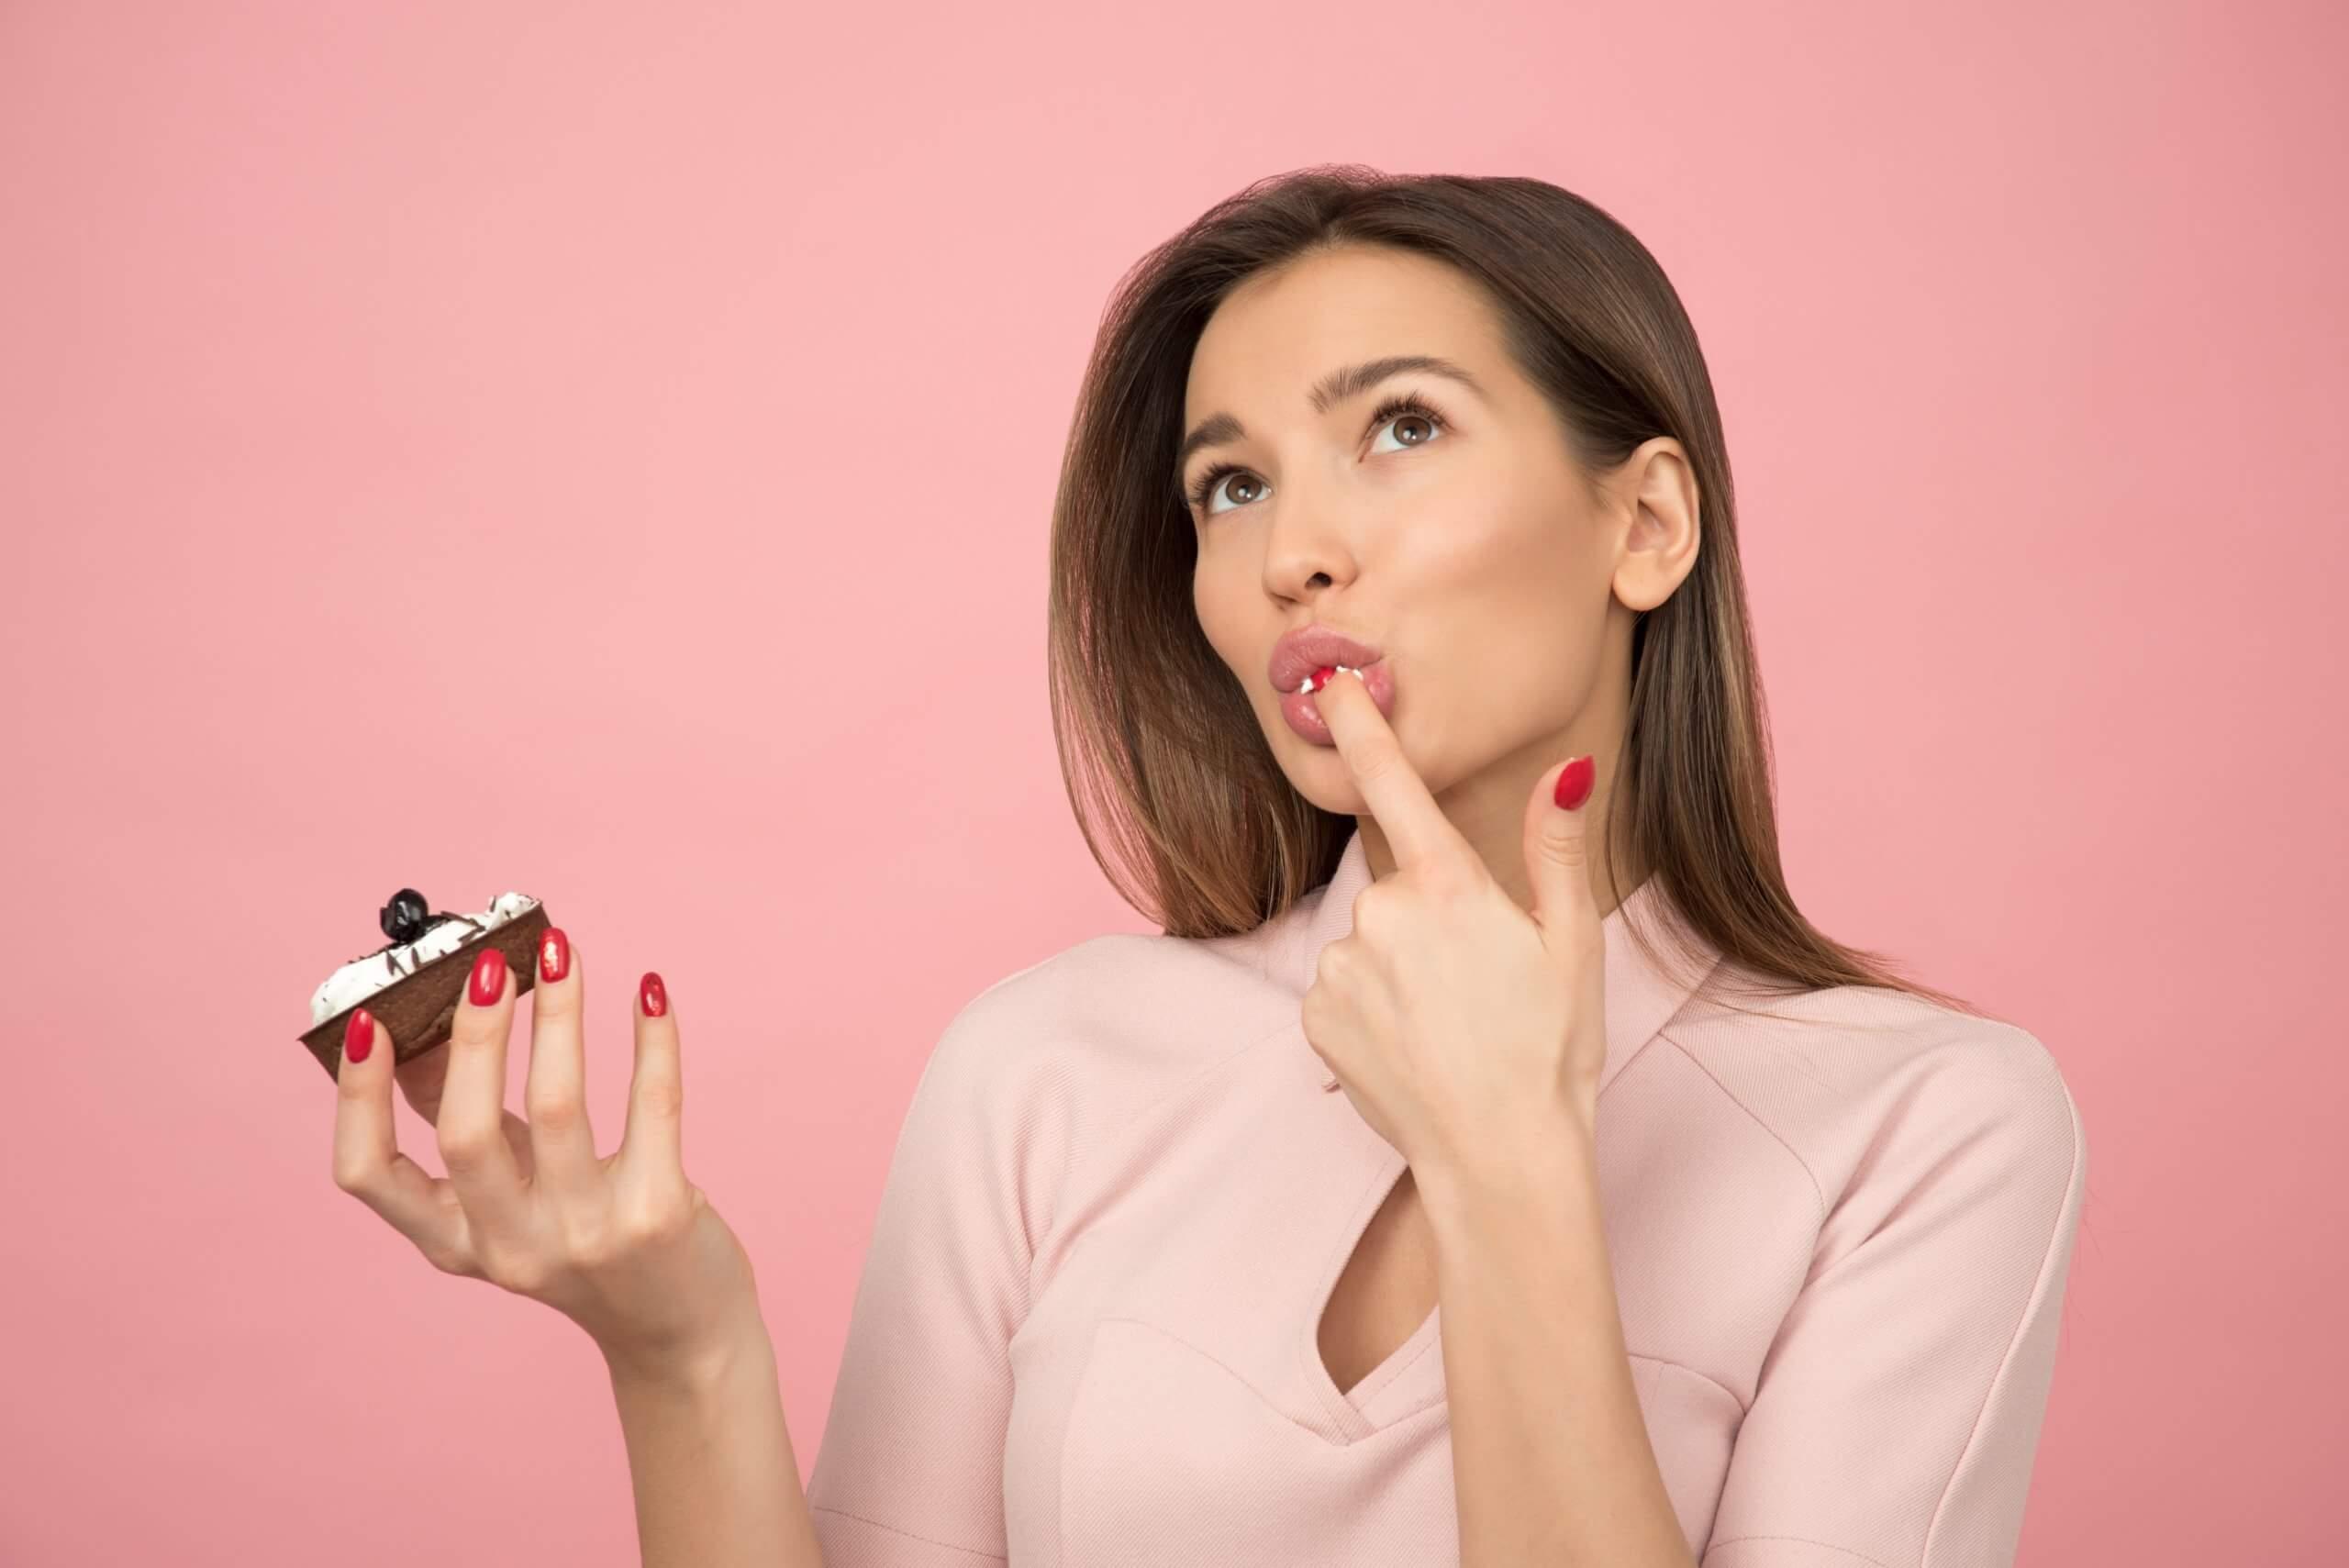 間食はダイエットの友!血糖値と消化を制して太りづらい体内環境づくり